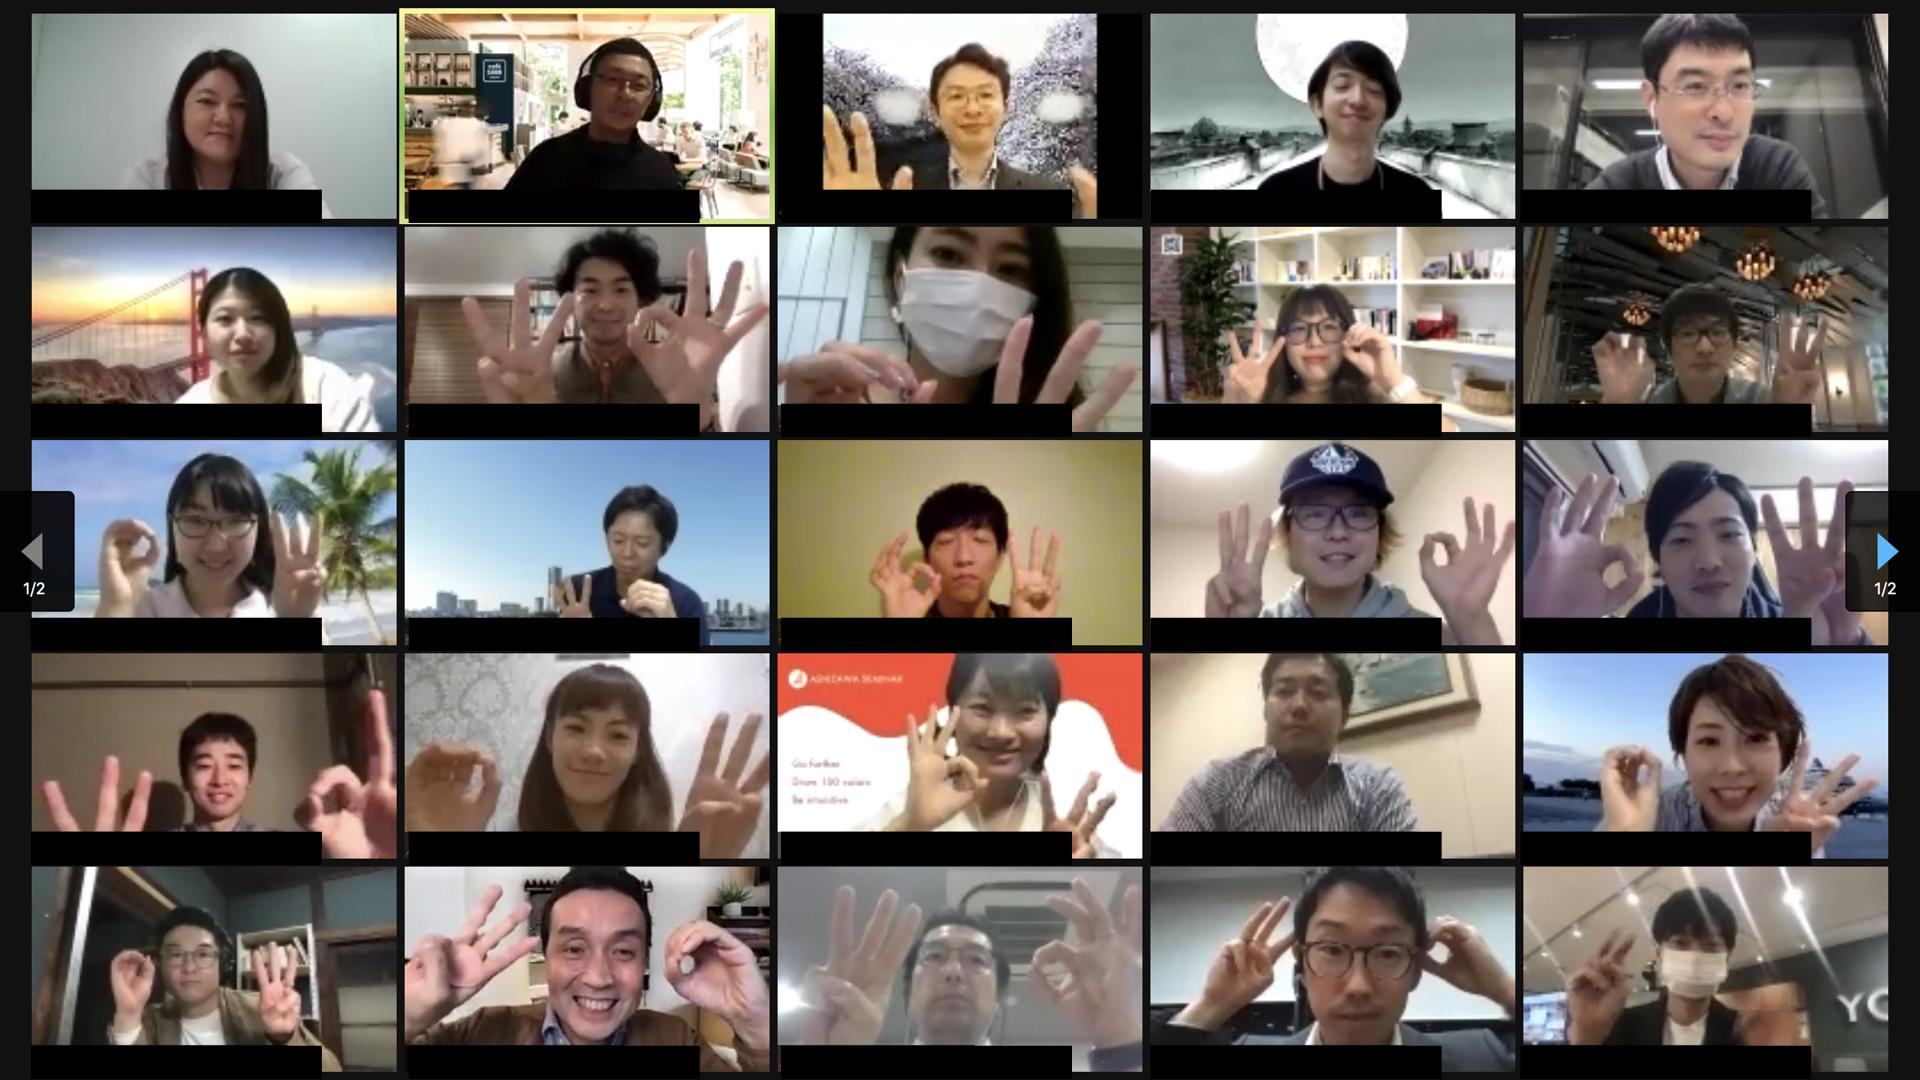 【横浜をつなげる30人 Day1】〜横浜への想いを抱き、走り出した30人〜